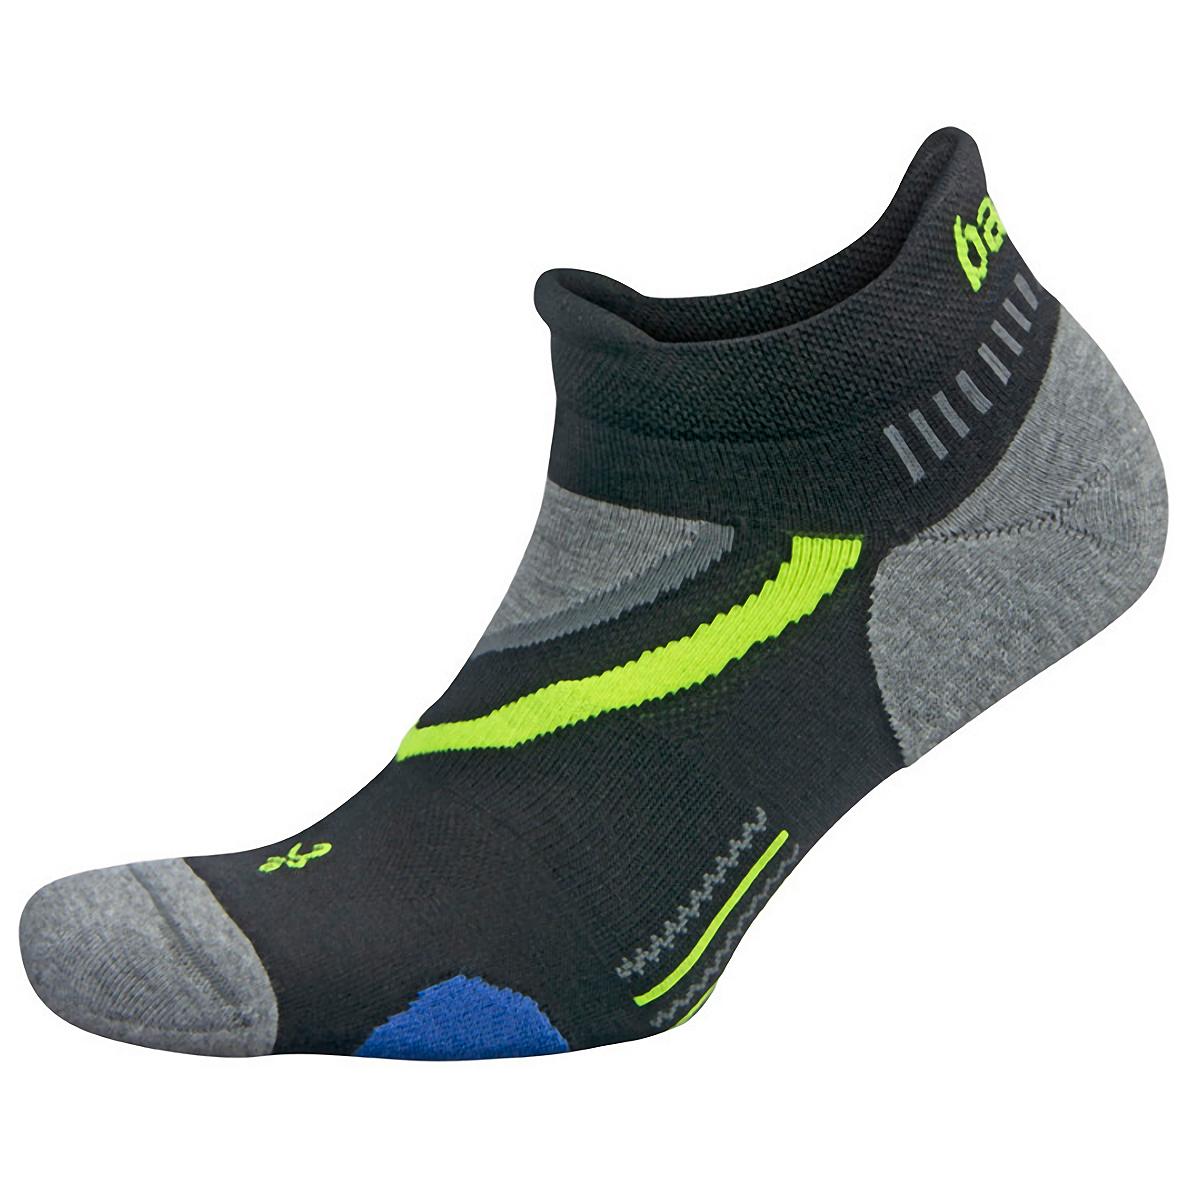 Balega UltraGlide No Show Socks - Color: Black - Size: M, Black, large, image 1